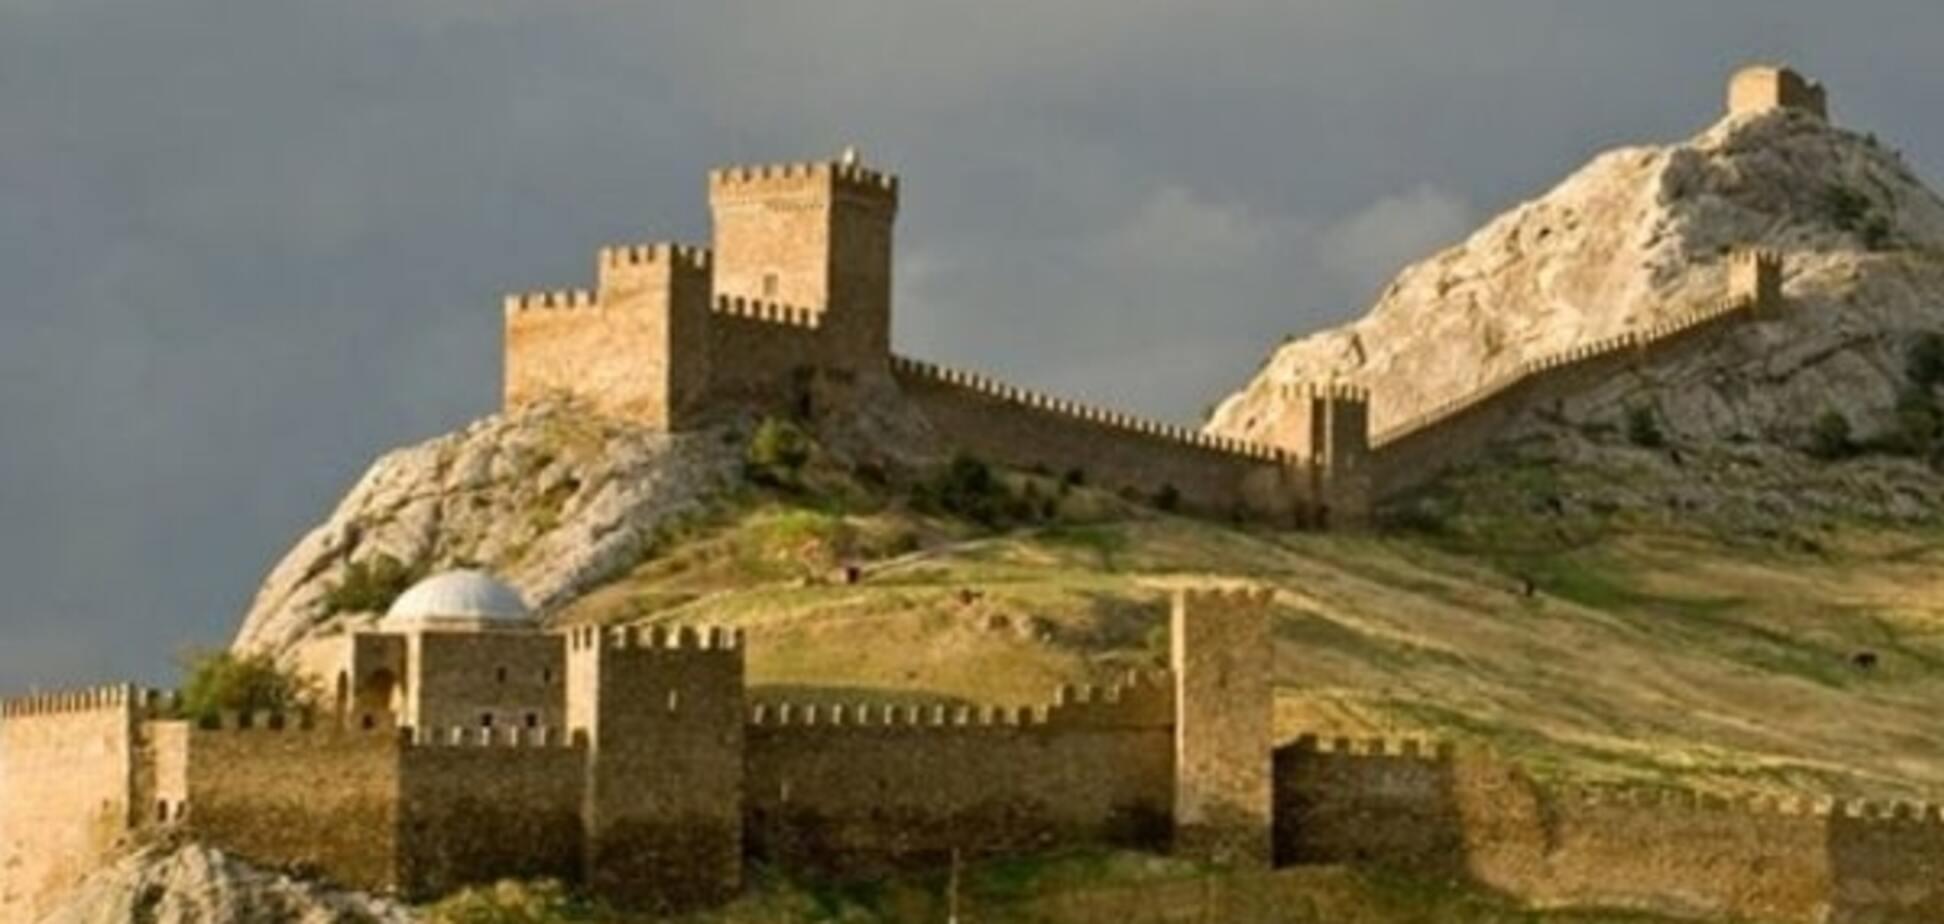 В Крыму из-за халатности оккупантов разрушен древний памятник архитектуры